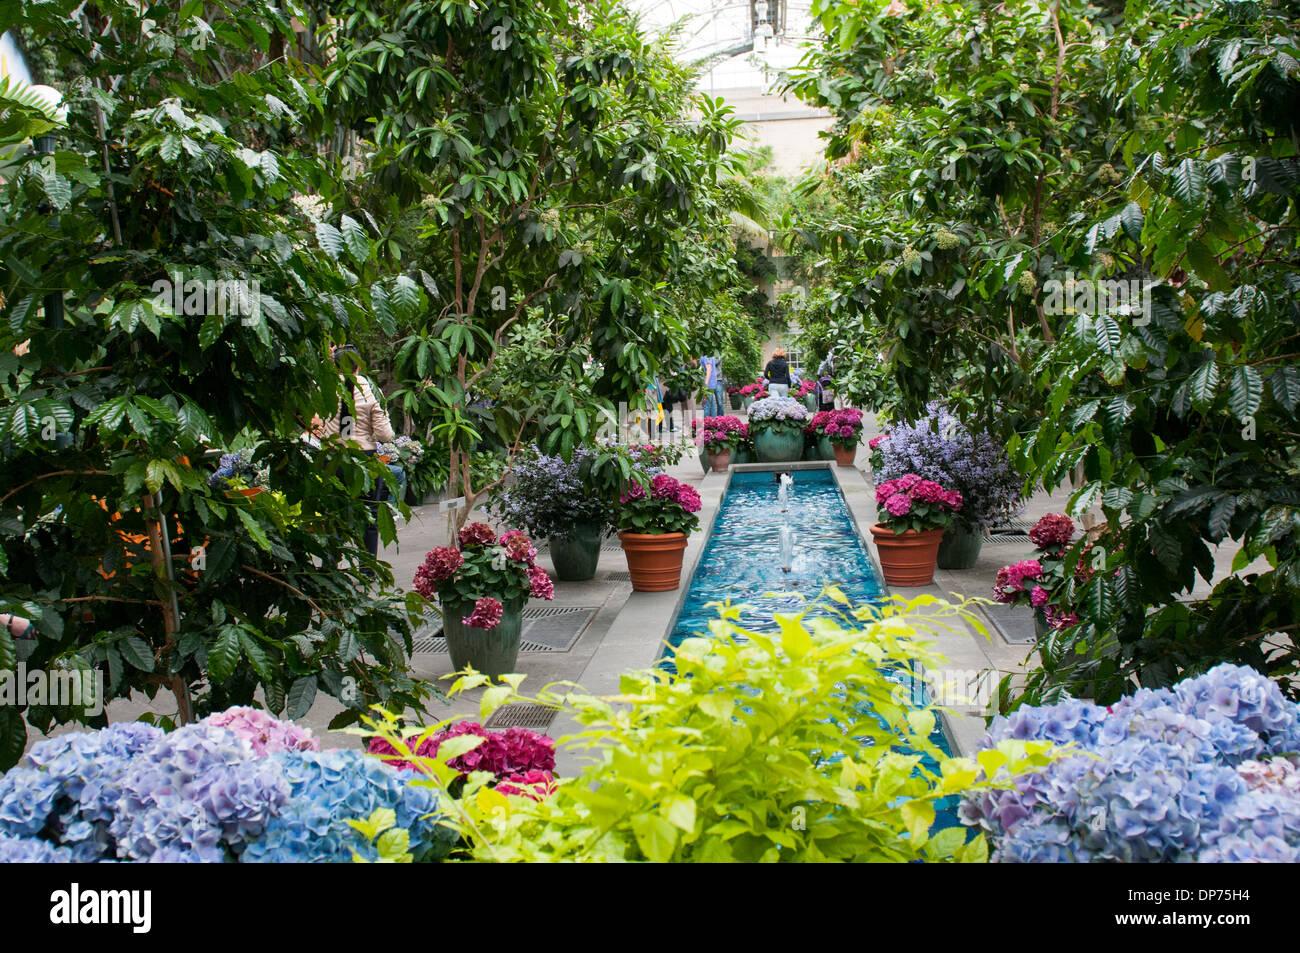 Inside The United States Botanic Garden In Washington DC, USA